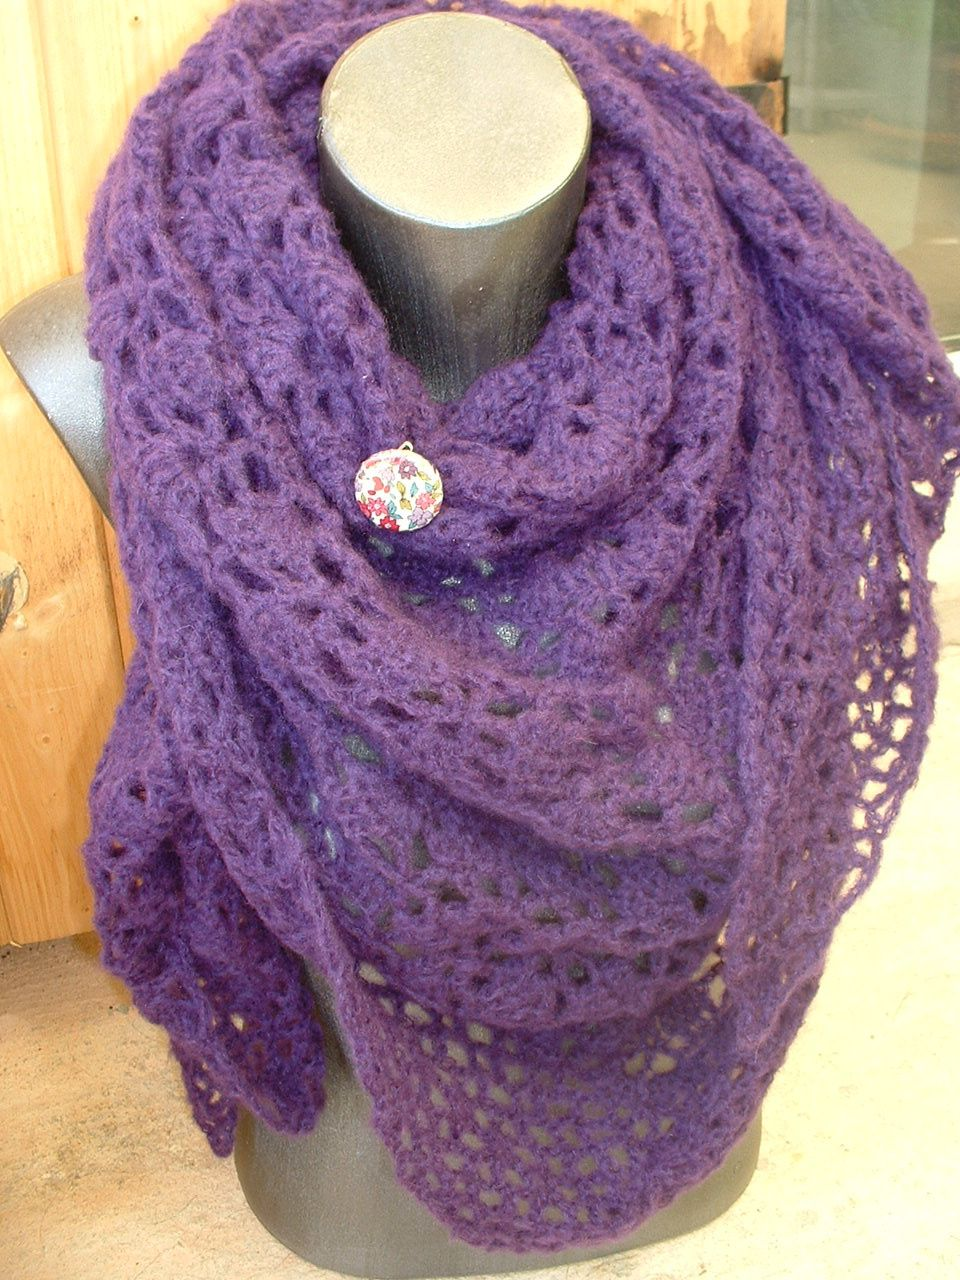 châle en PHIL LIGHT colori violet, c'est chaud, léger et très douillet